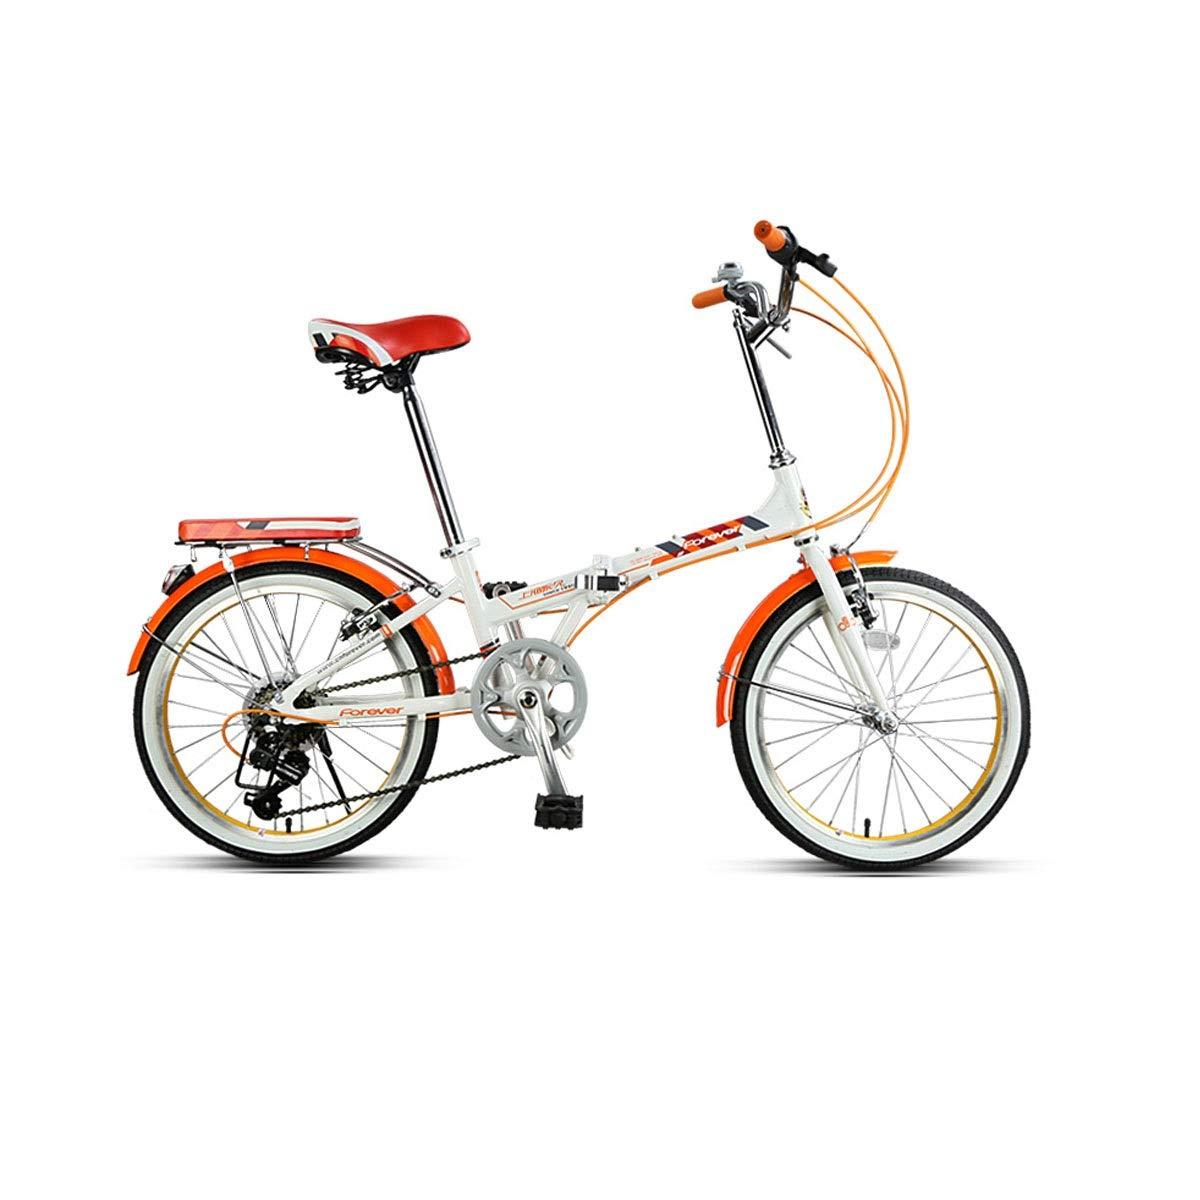 ロードバイク、折りたたみ自転車、成人女性超軽量ポータブル可変速自転車、アルミ合金 - 20インチ (Color : Orange, Size : 20 inches) 20 inches Orange B07QMJX3GN